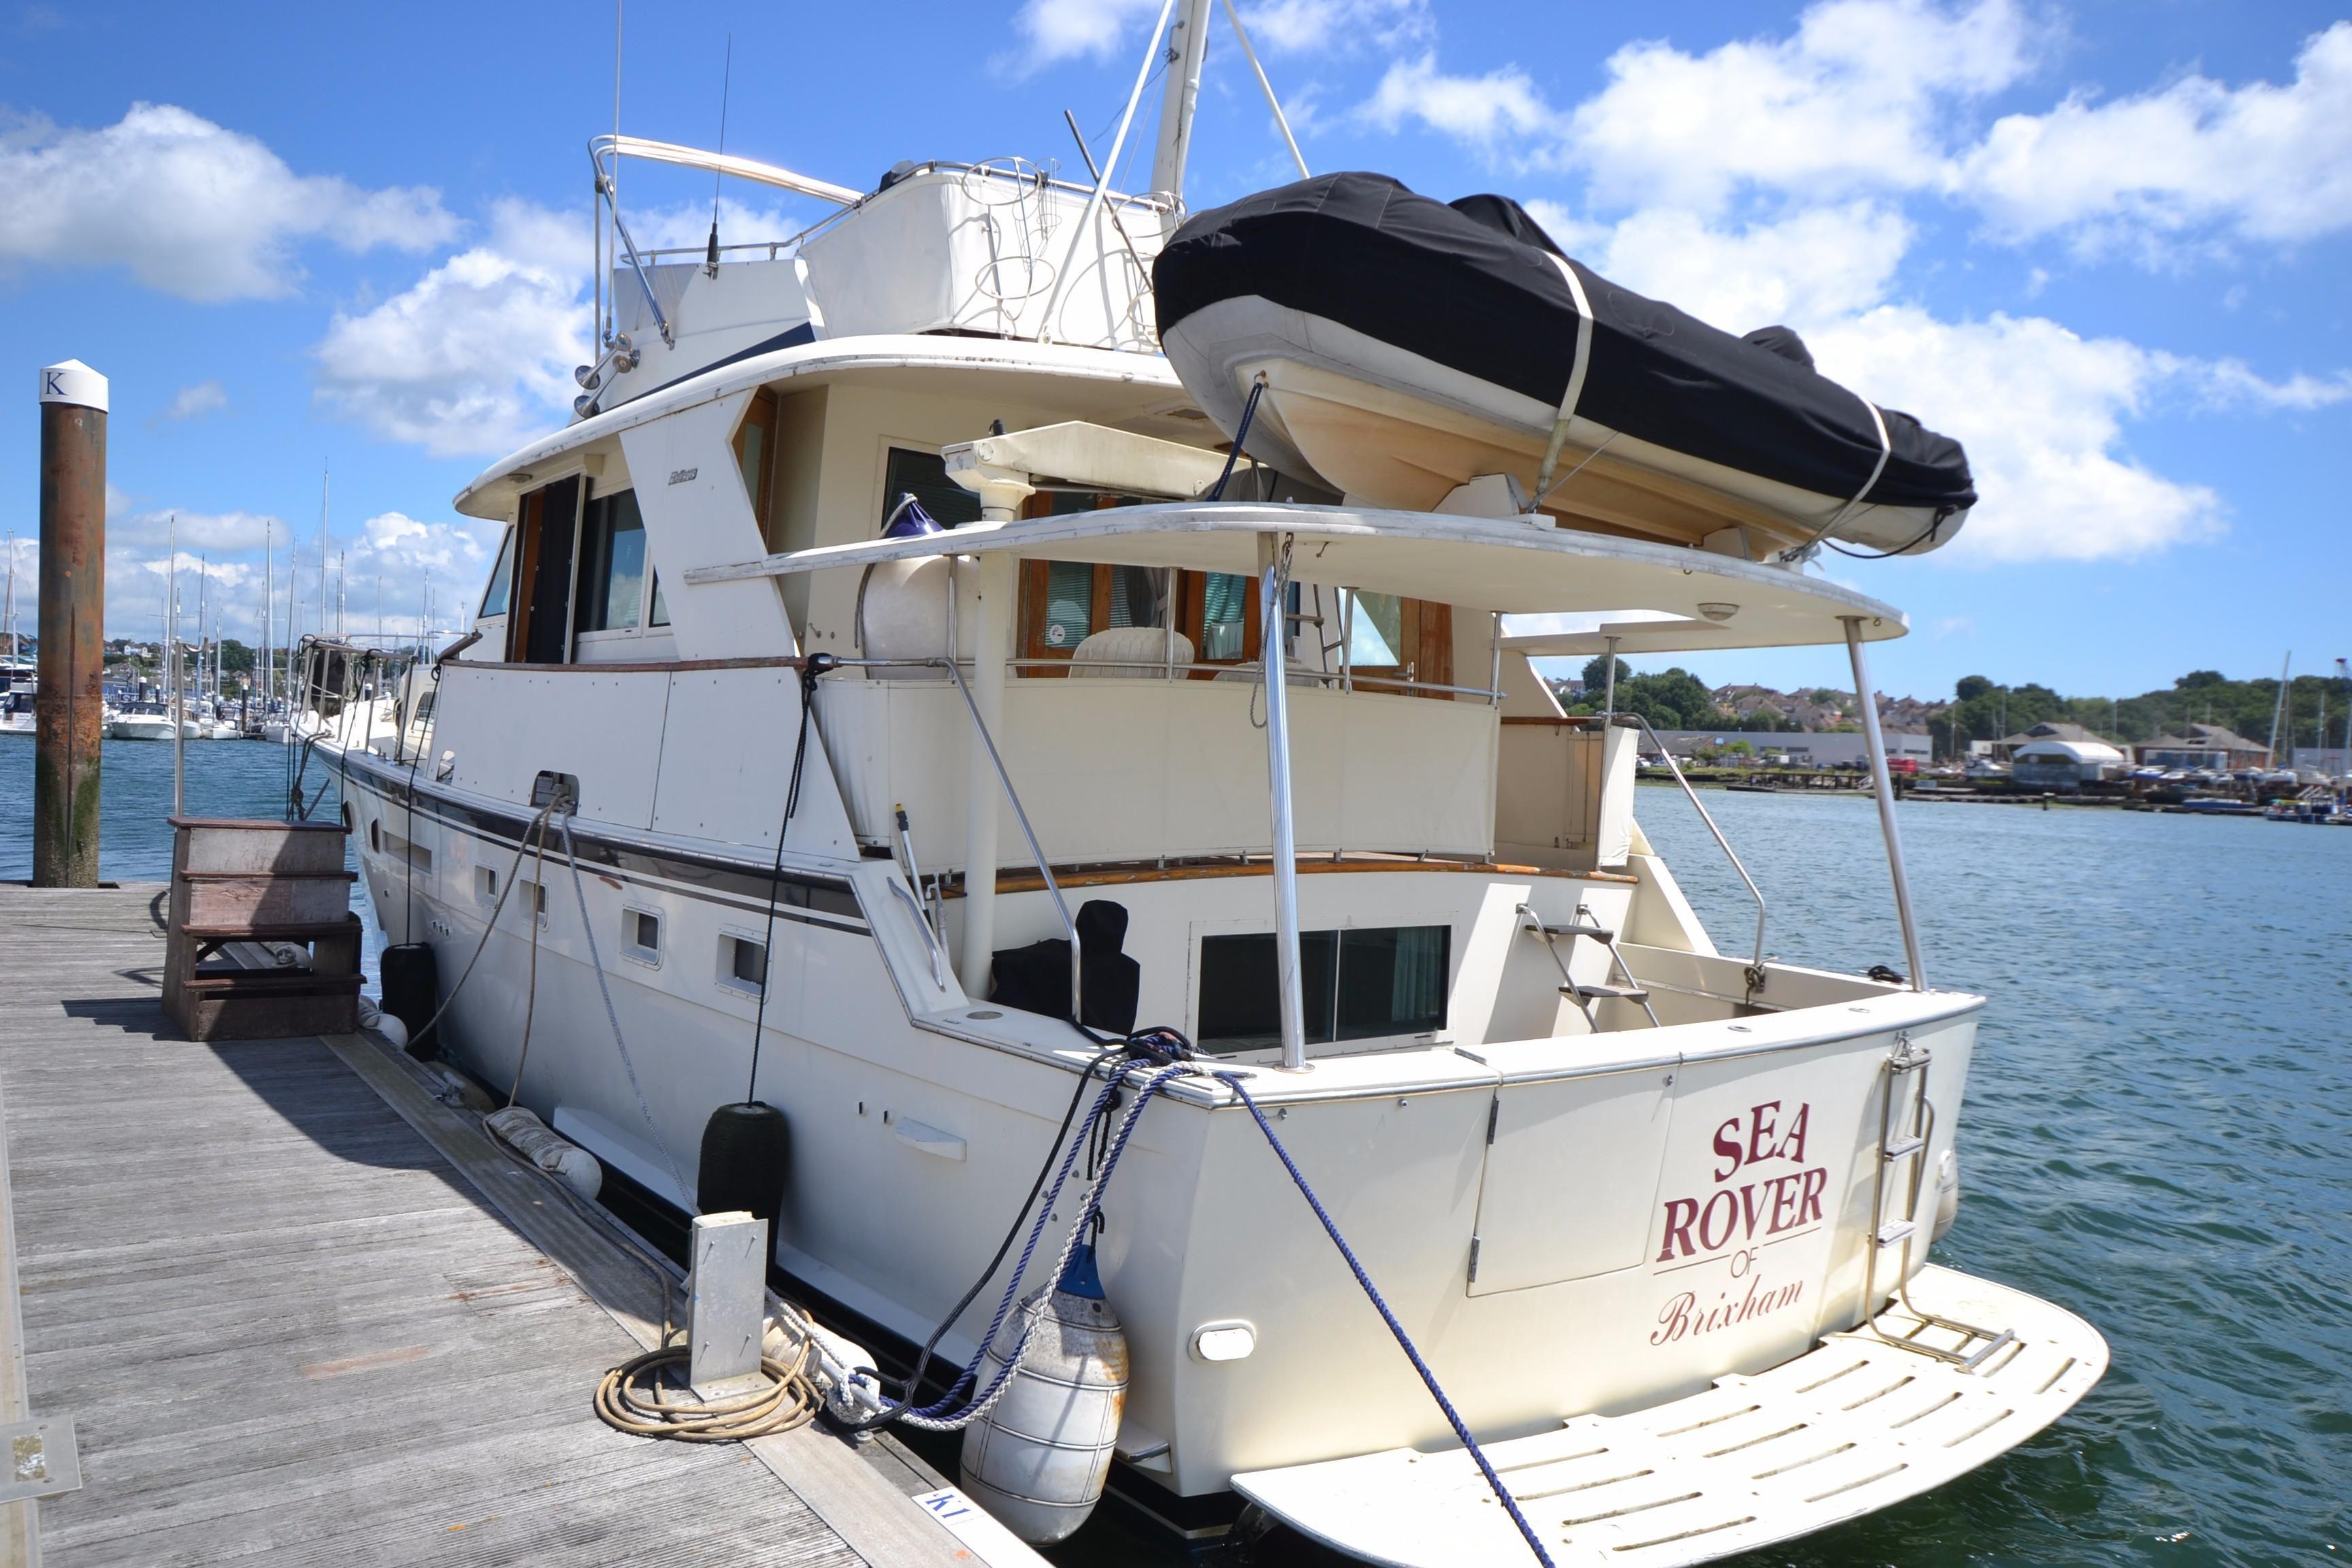 1991 Hatteras 53 Motor Yacht Power Boat For Sale Www